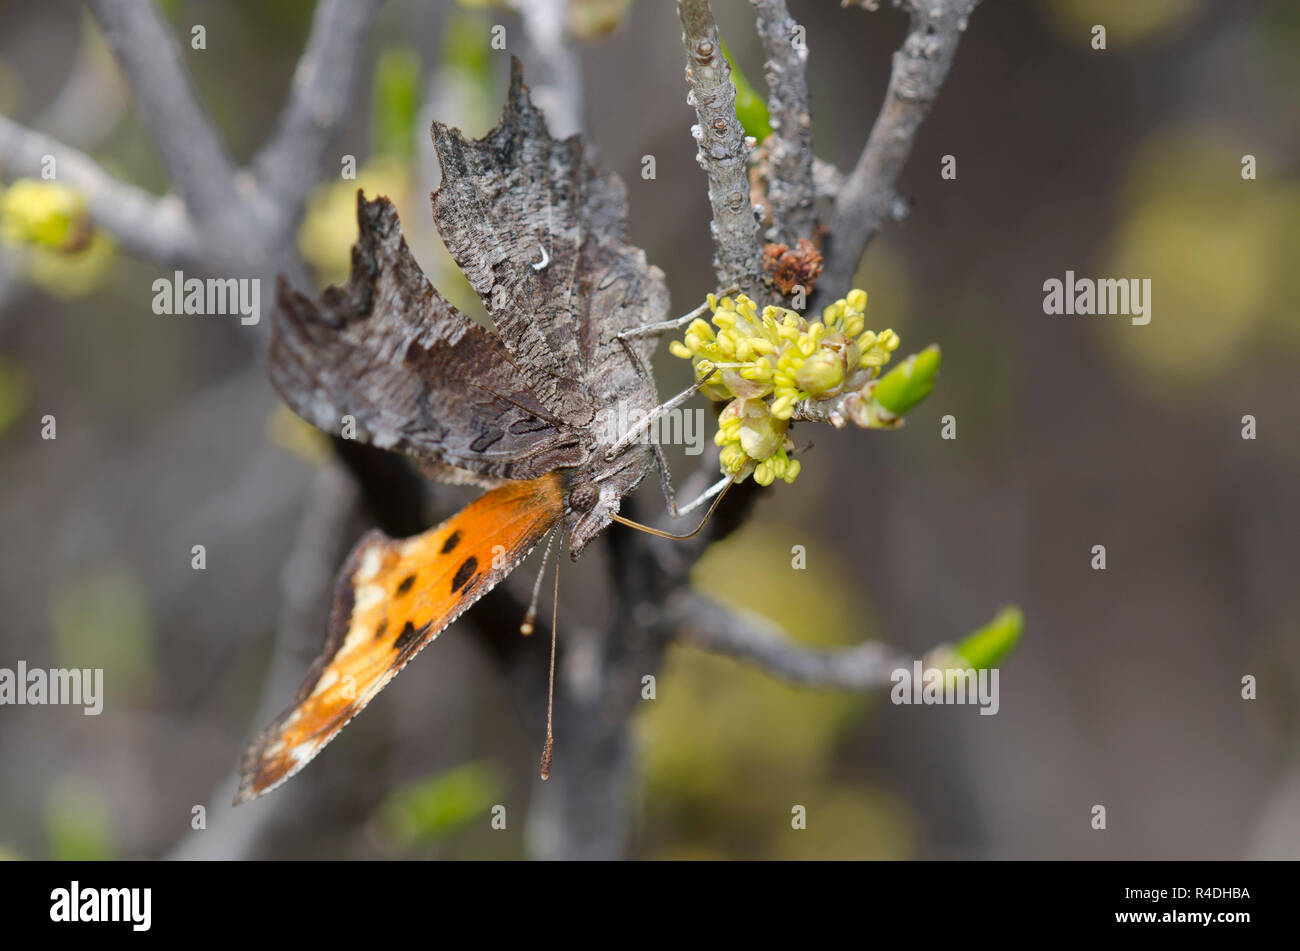 Coma canosos, Polygonia gracilis, nectaring del árbol flor Foto de stock